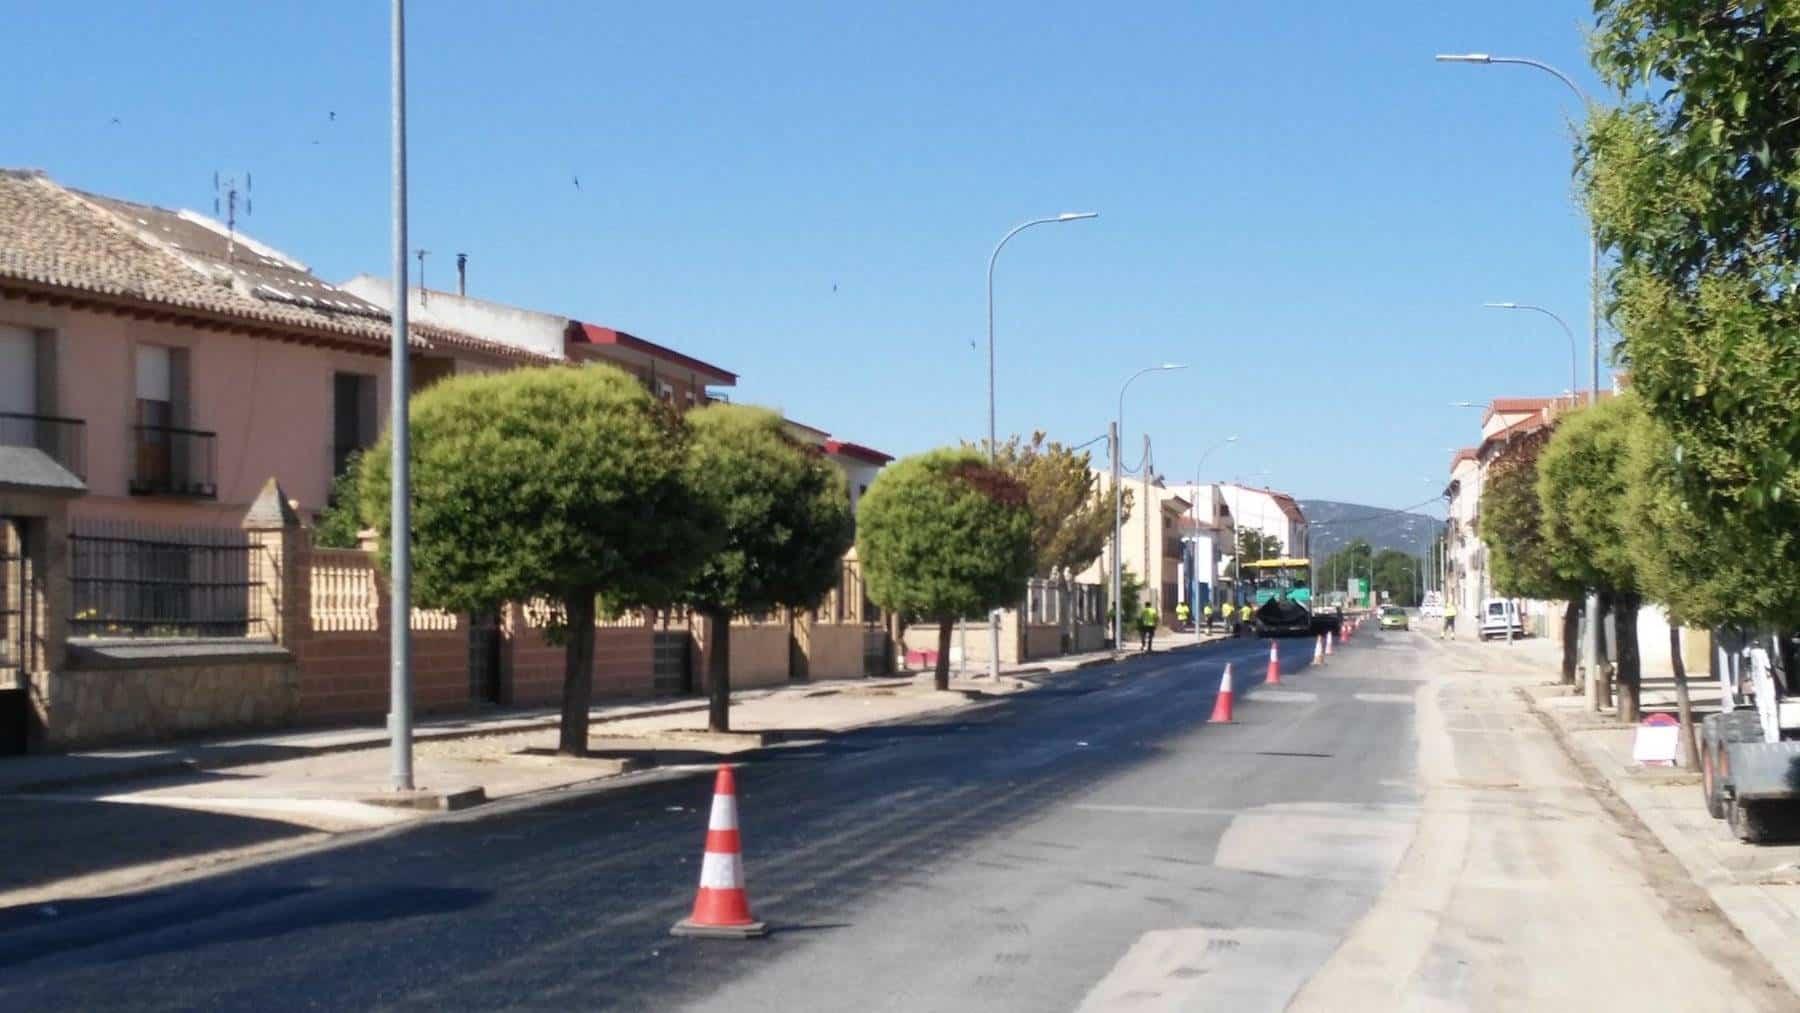 asfaltado travesia herencia 2 - Comienza el asfaltado de la travesía en Herencia